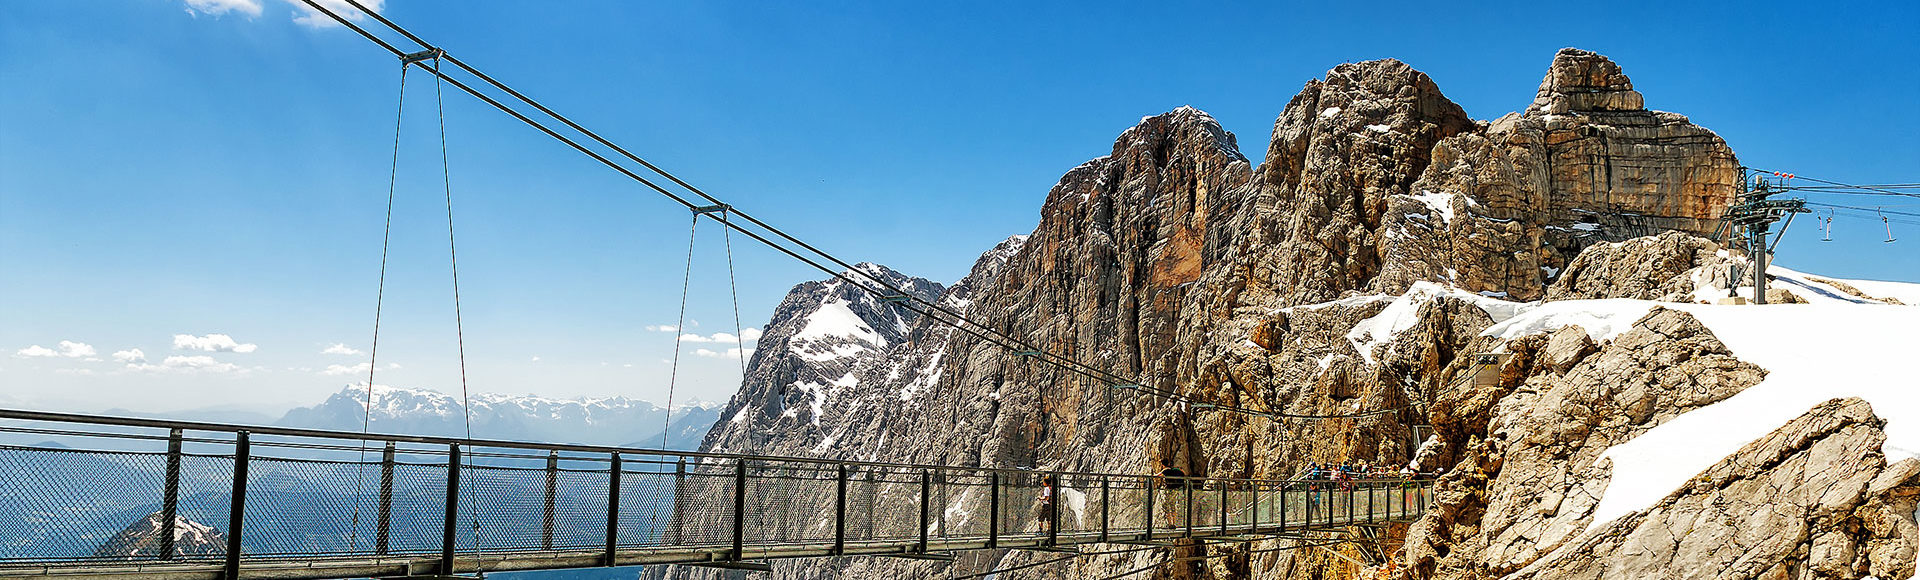 Ausflugsziel Dachstein Gletscher 1